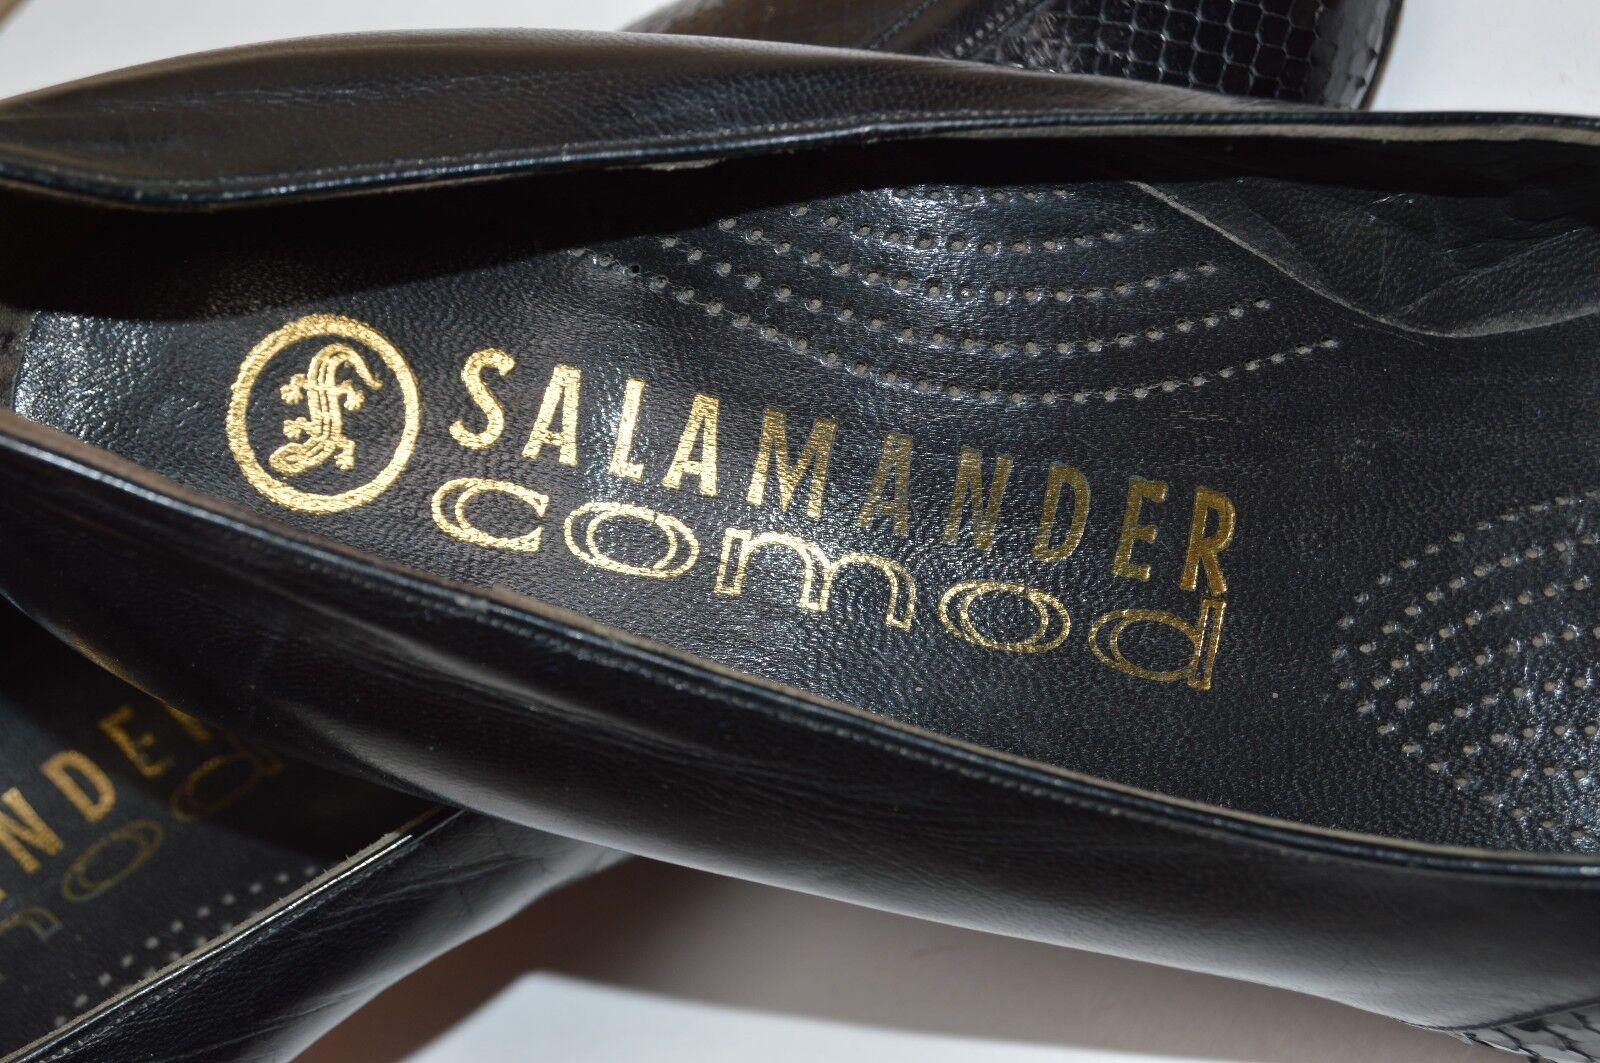 SALAMANDER Comod Optik Pumps True Vintage Reptil Optik Comod schwarz UK 5 F snake optik f2452c